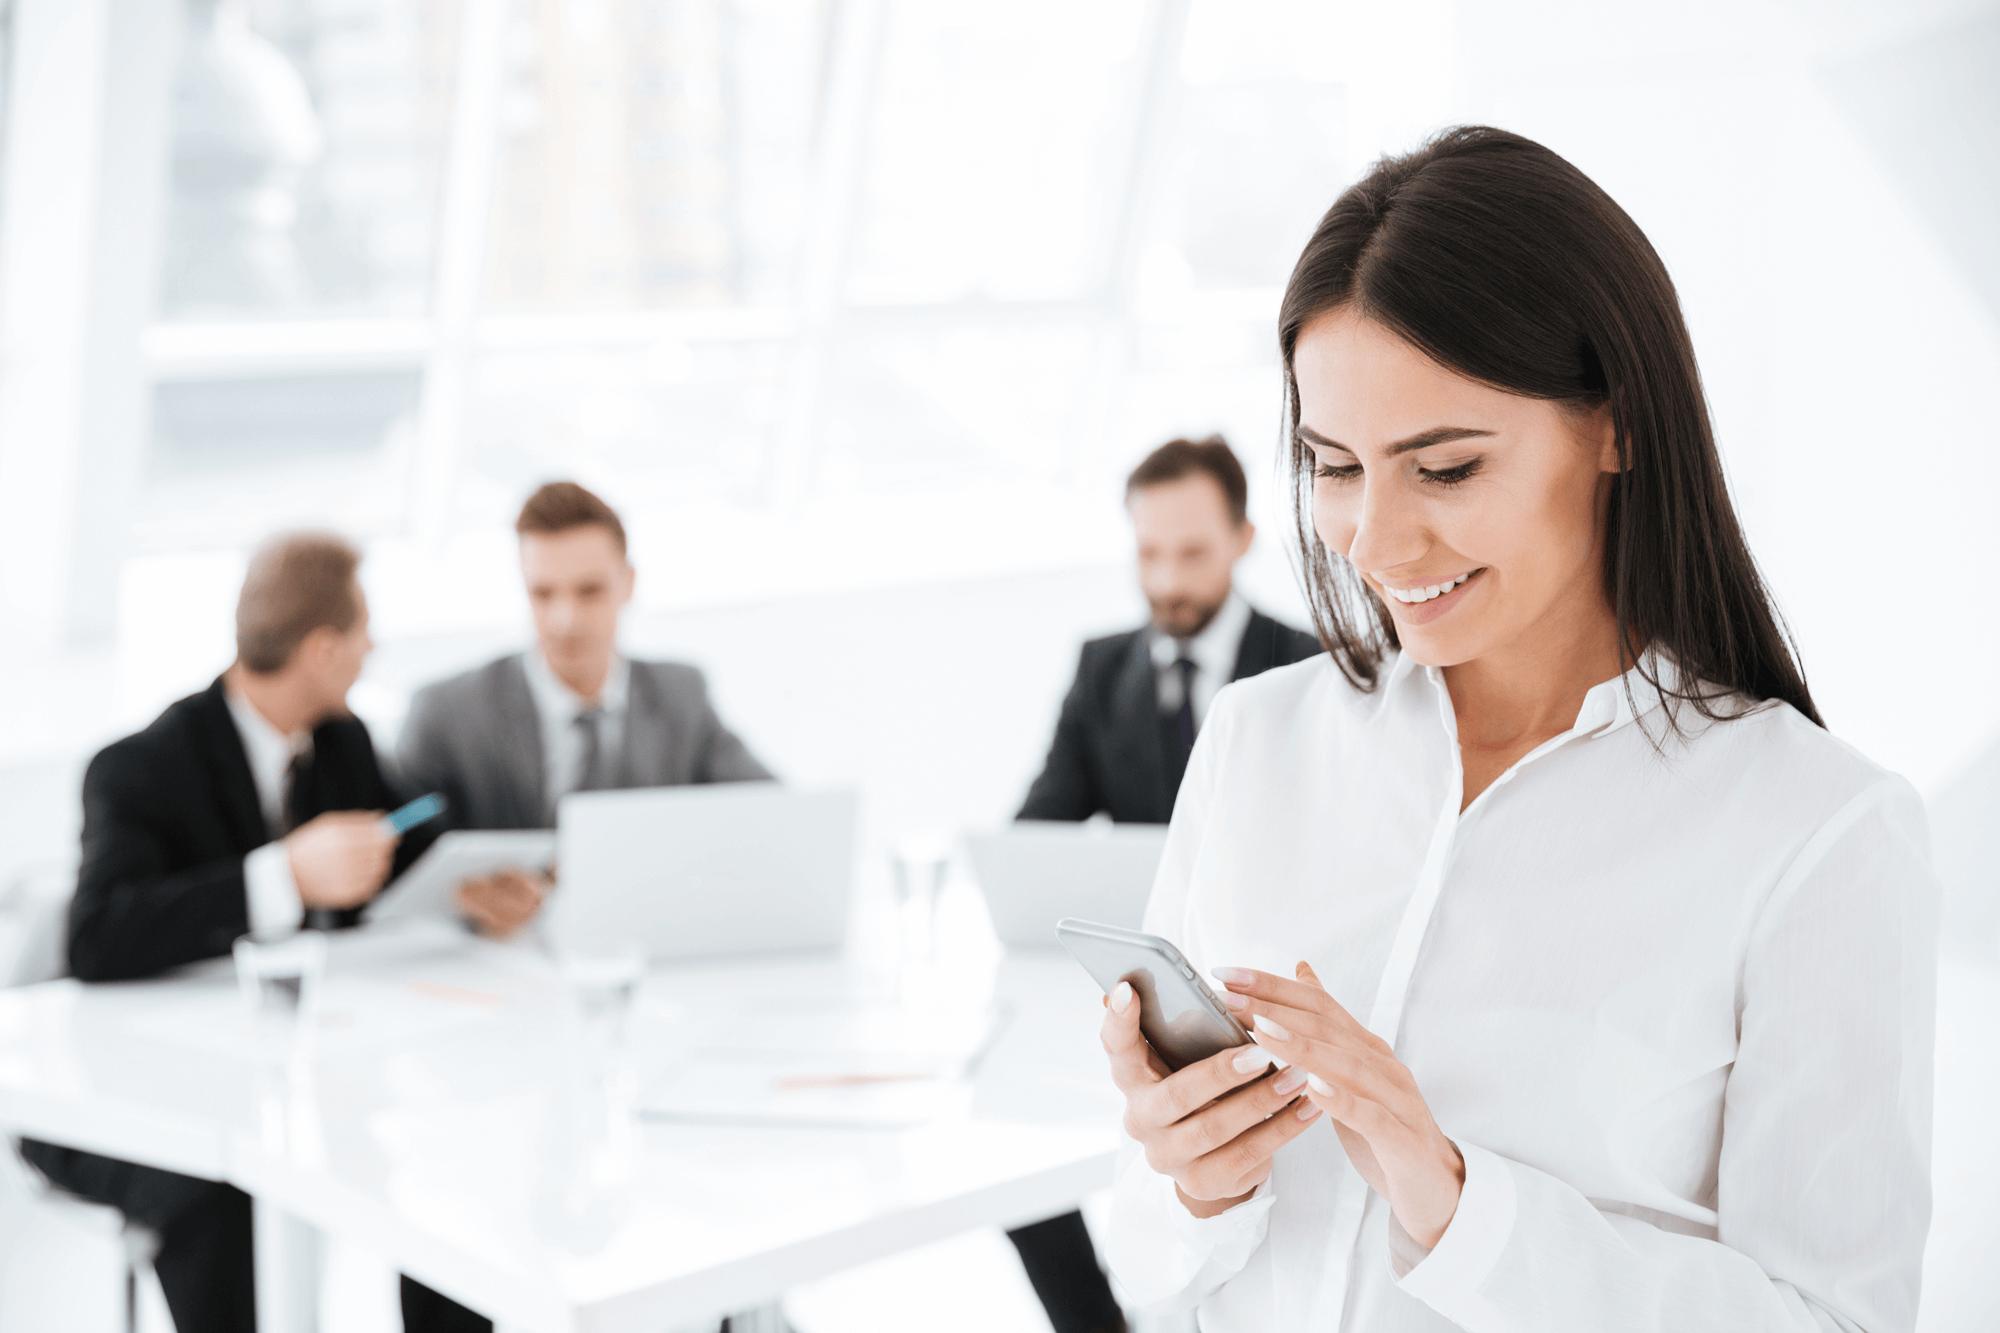 Managementinformatie Systeem | KPI's en 1 miljoen EUR inzichten